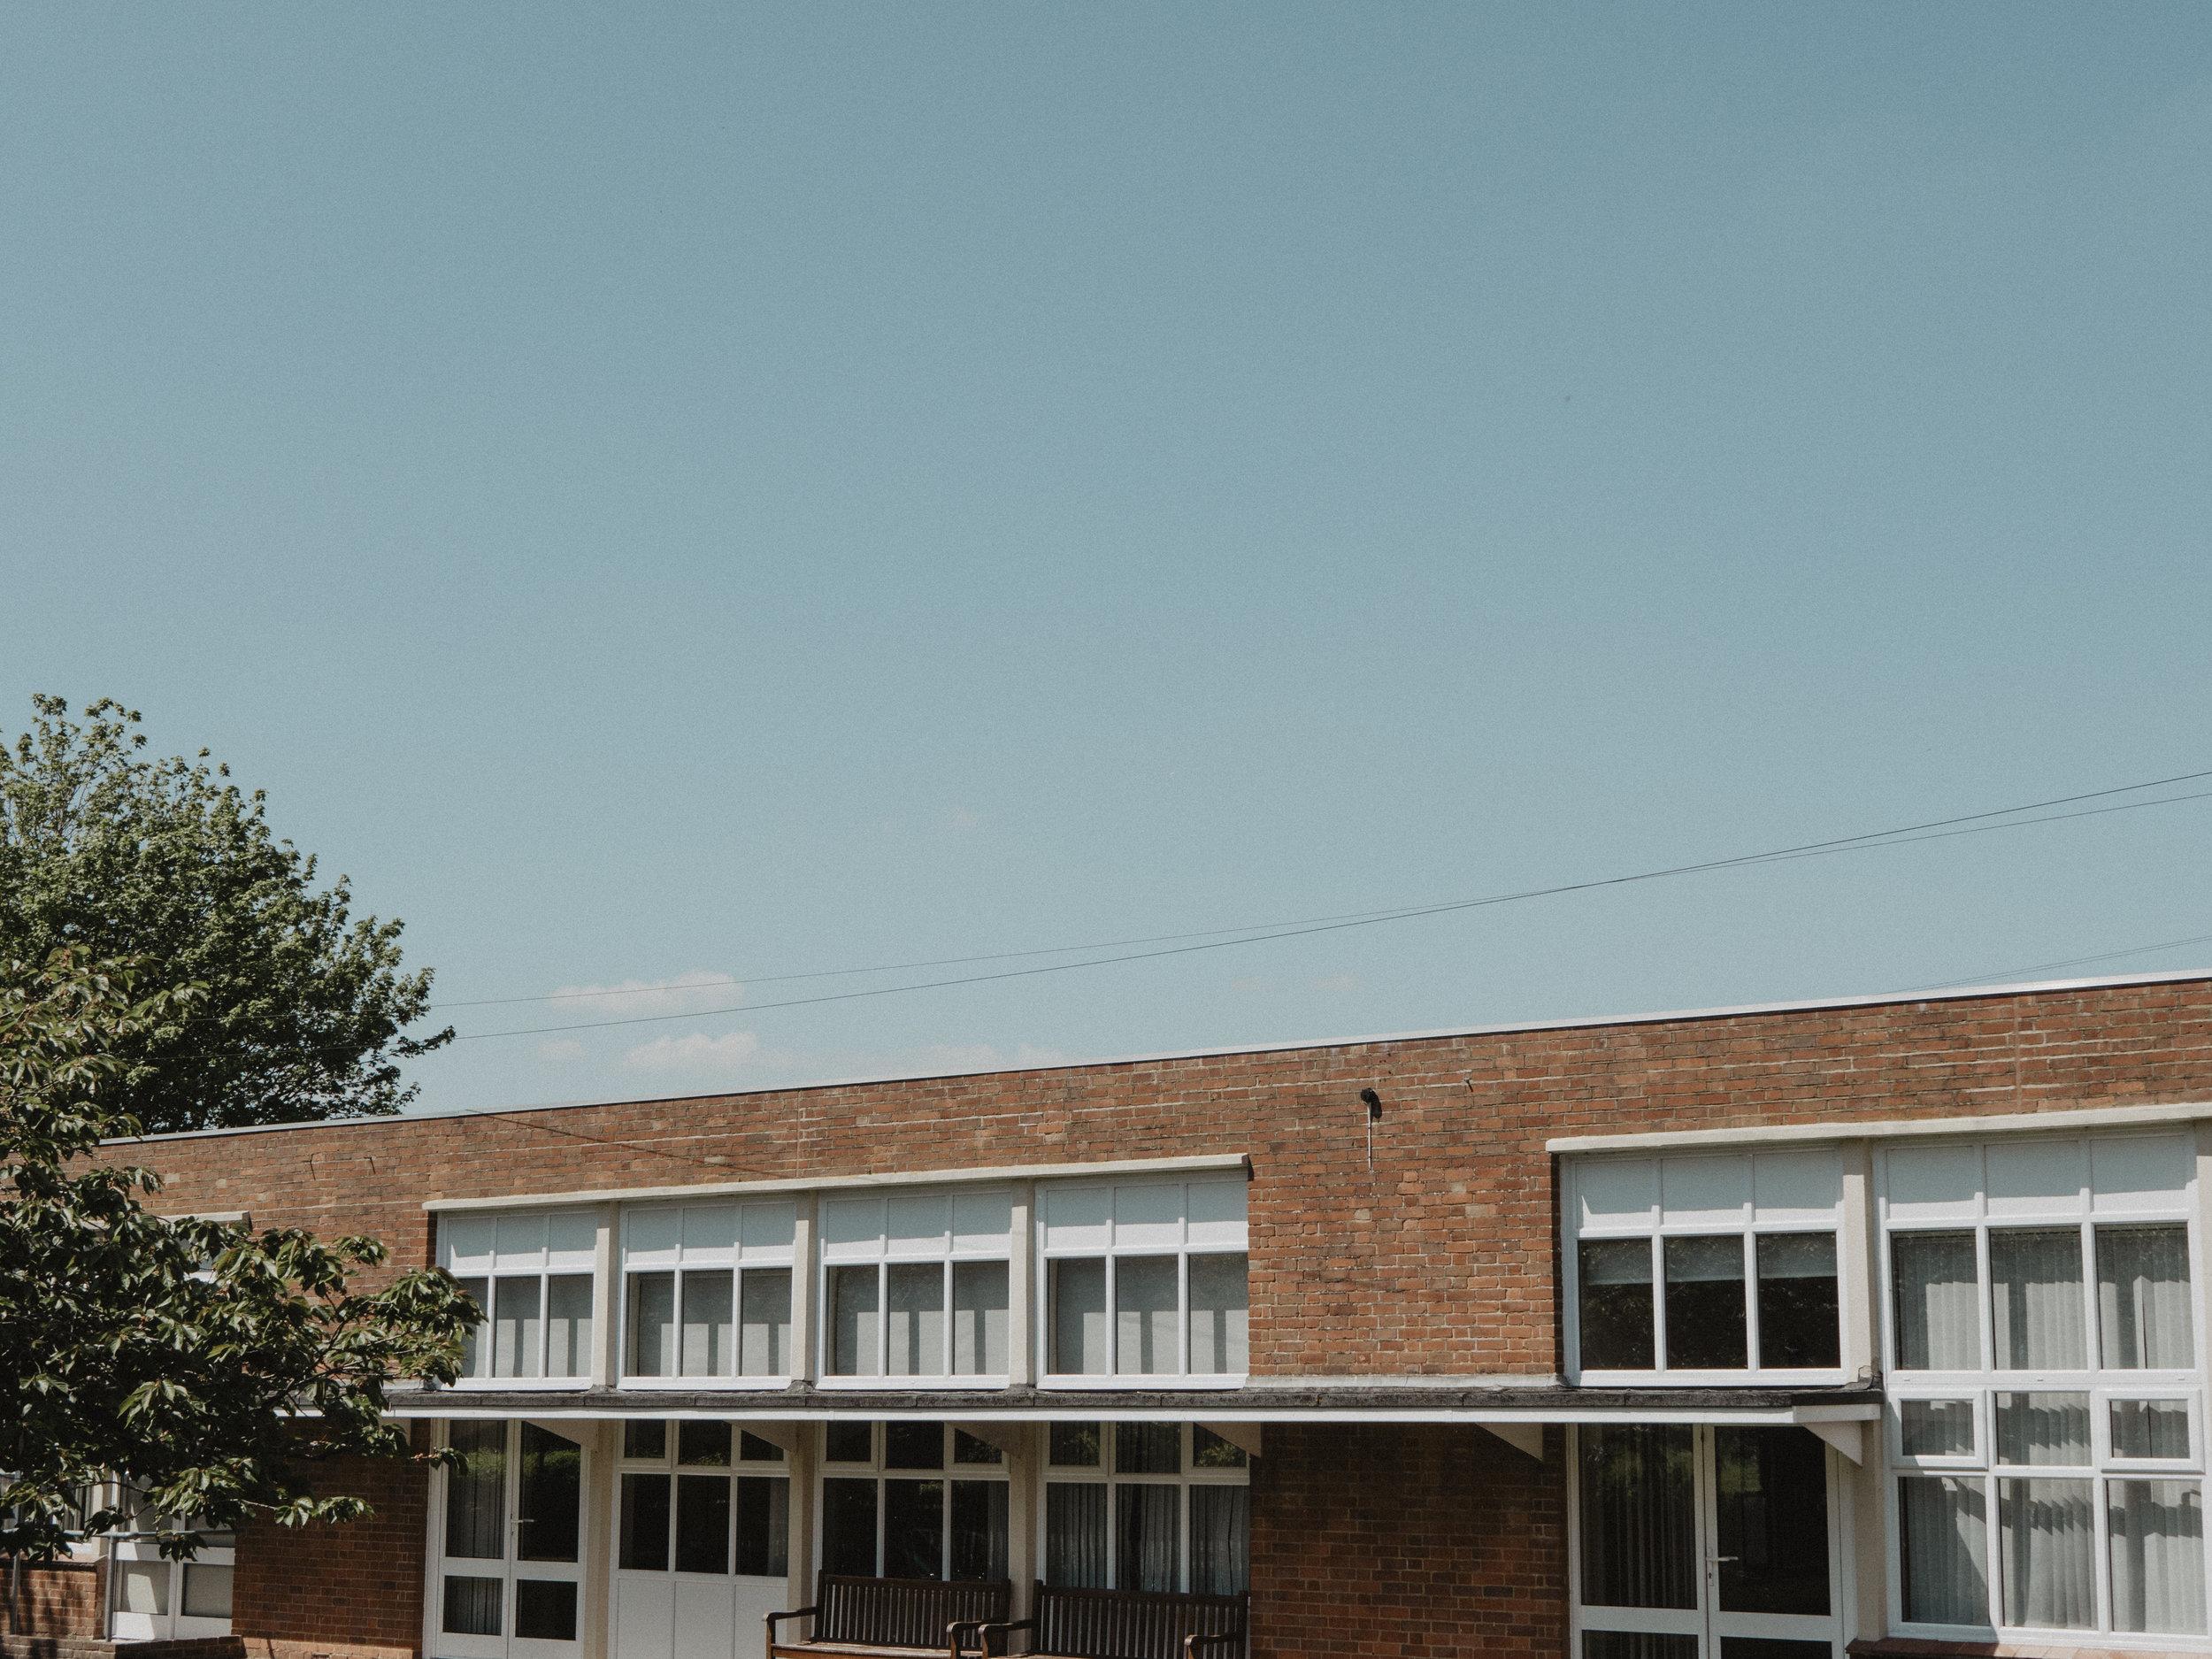 Boughton Lane Building